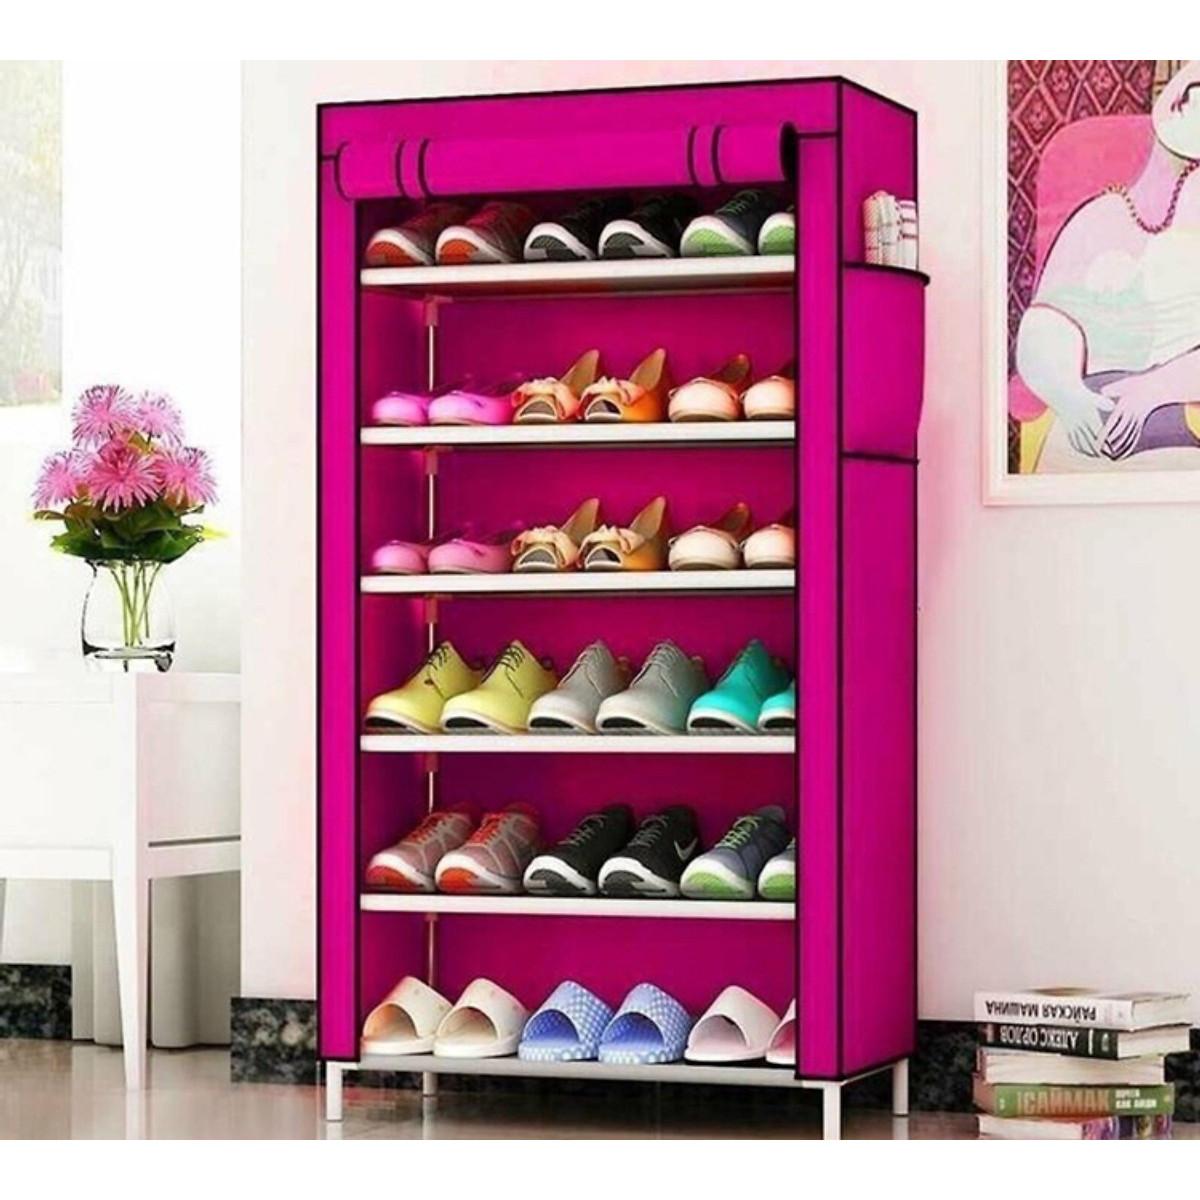 Tủ vải đựng giày có 6 ngăn tiện lợi, nhỏ gọn, thích hợp trang trí ở nhiều không gian